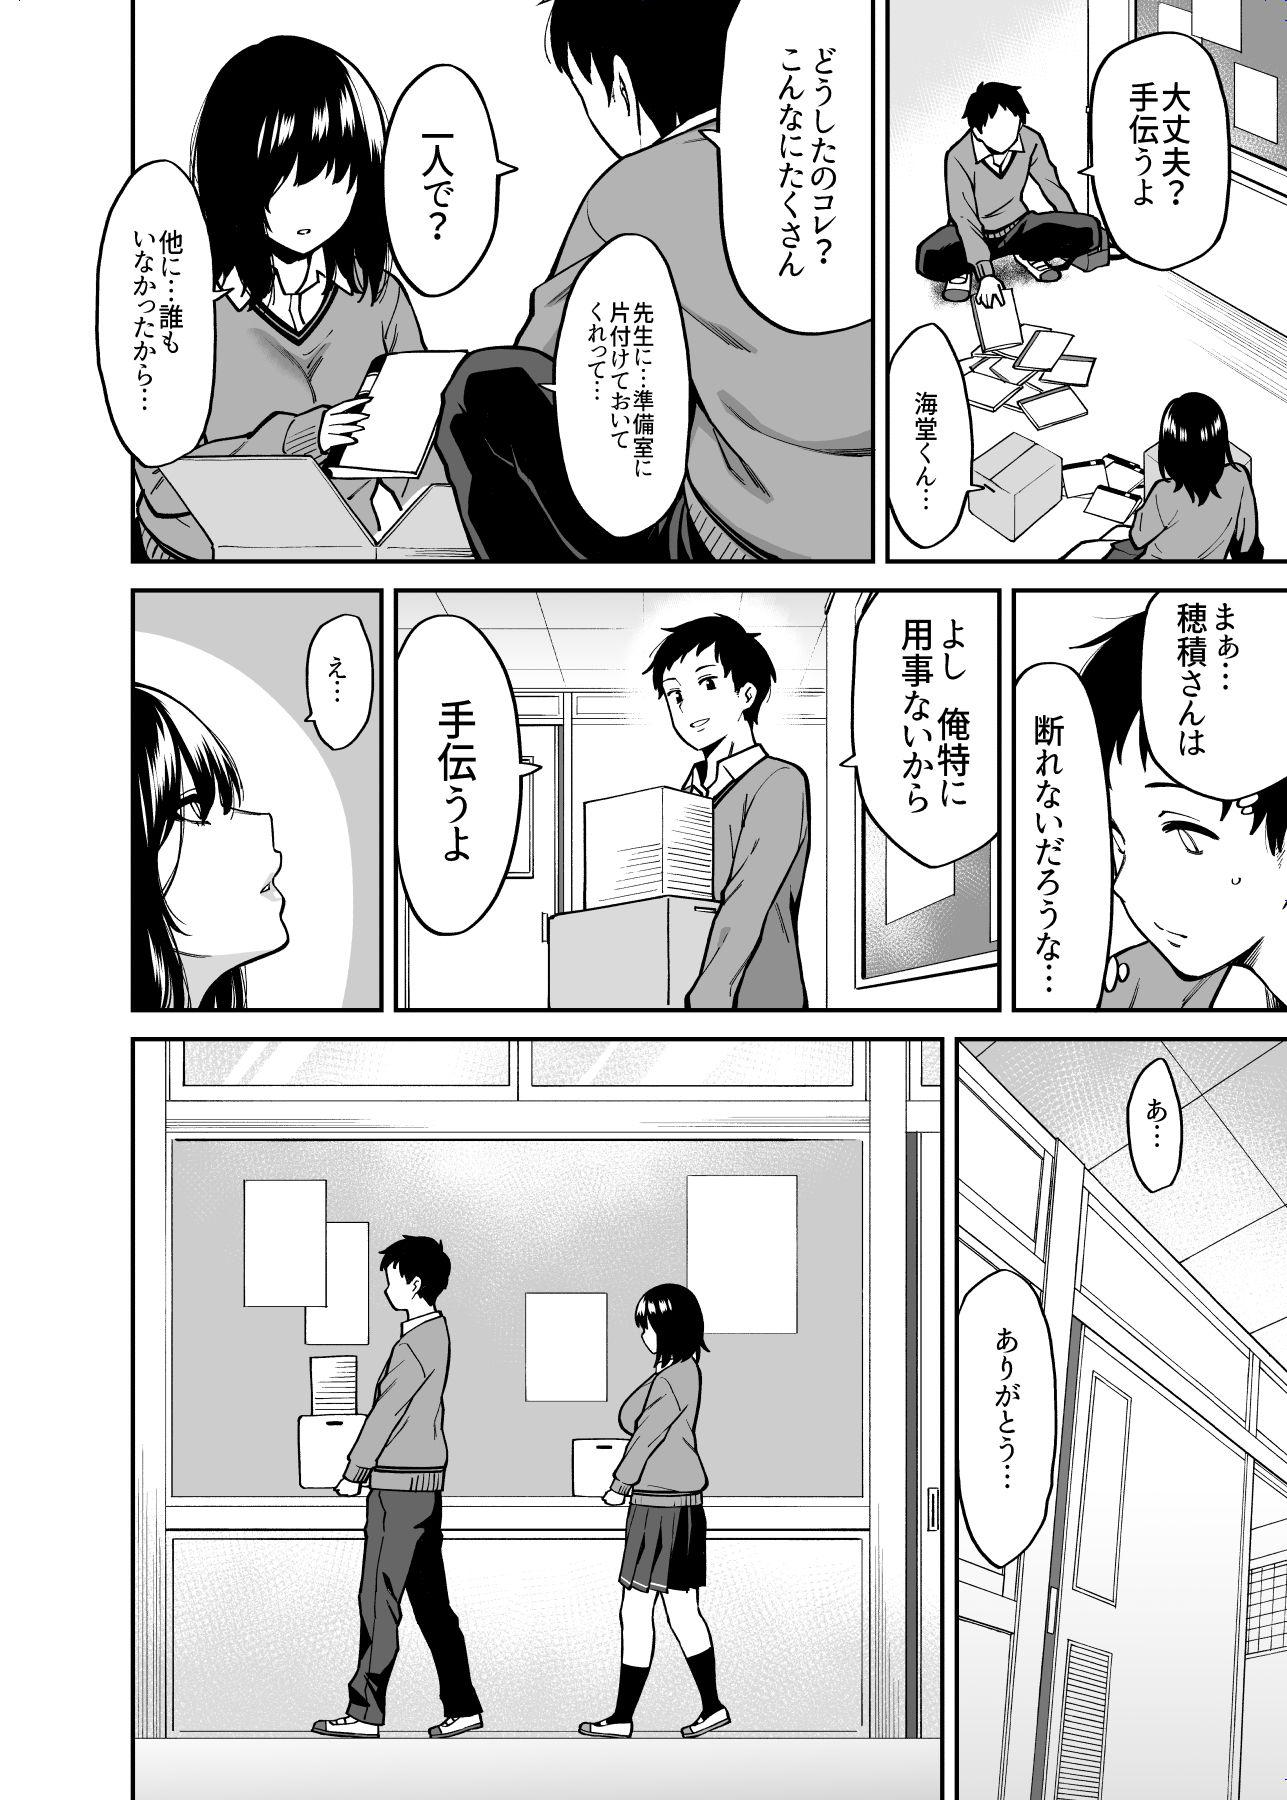 【エロ漫画無料大全集】目つき悪い地味な女の子と準備室で濃密えっち!!!